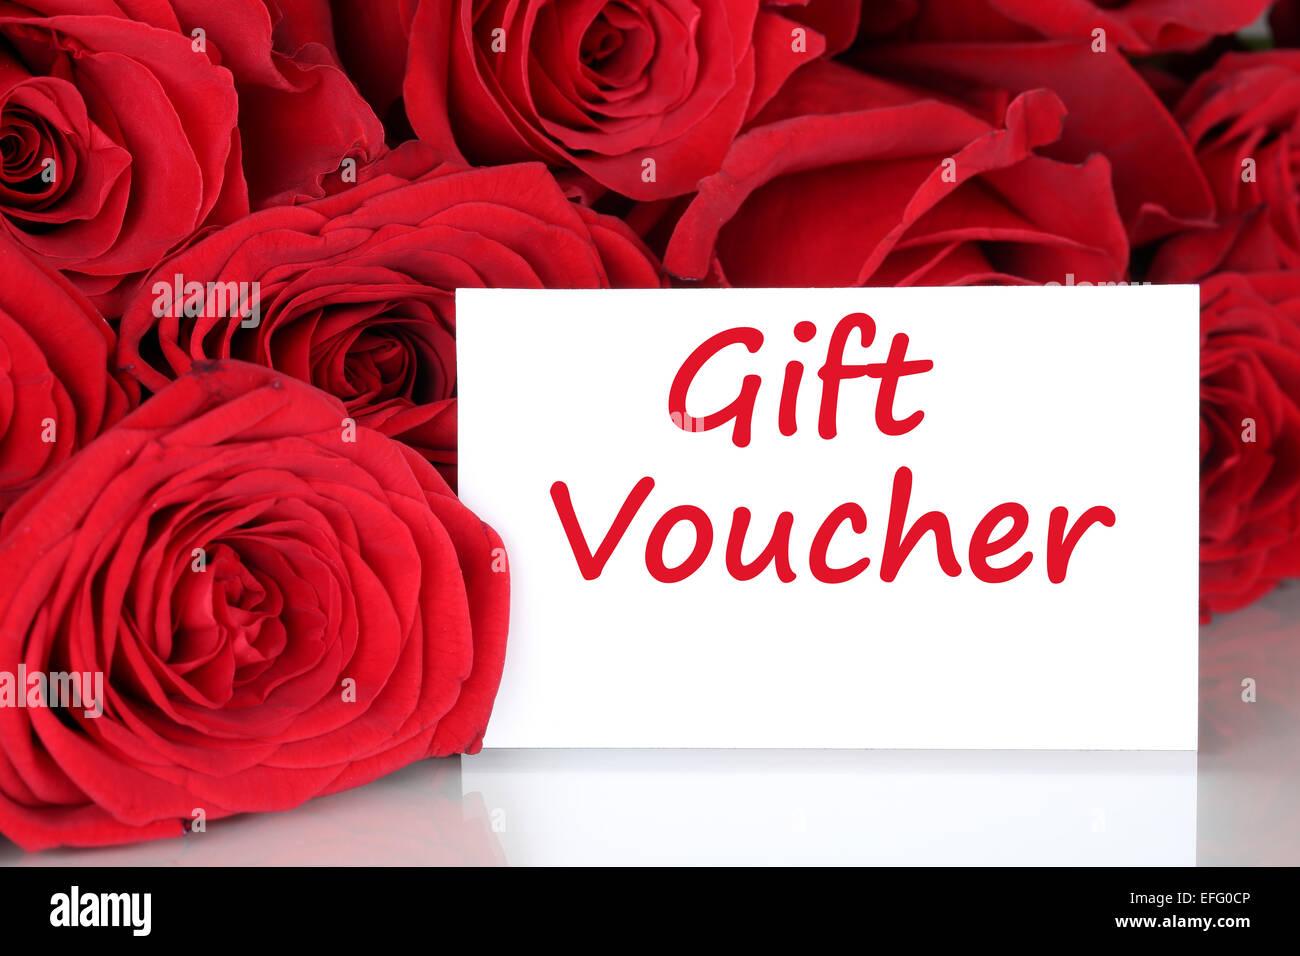 Rote Rosen Mit Geschenk Gutschein Zertifikat Für Geburtstag